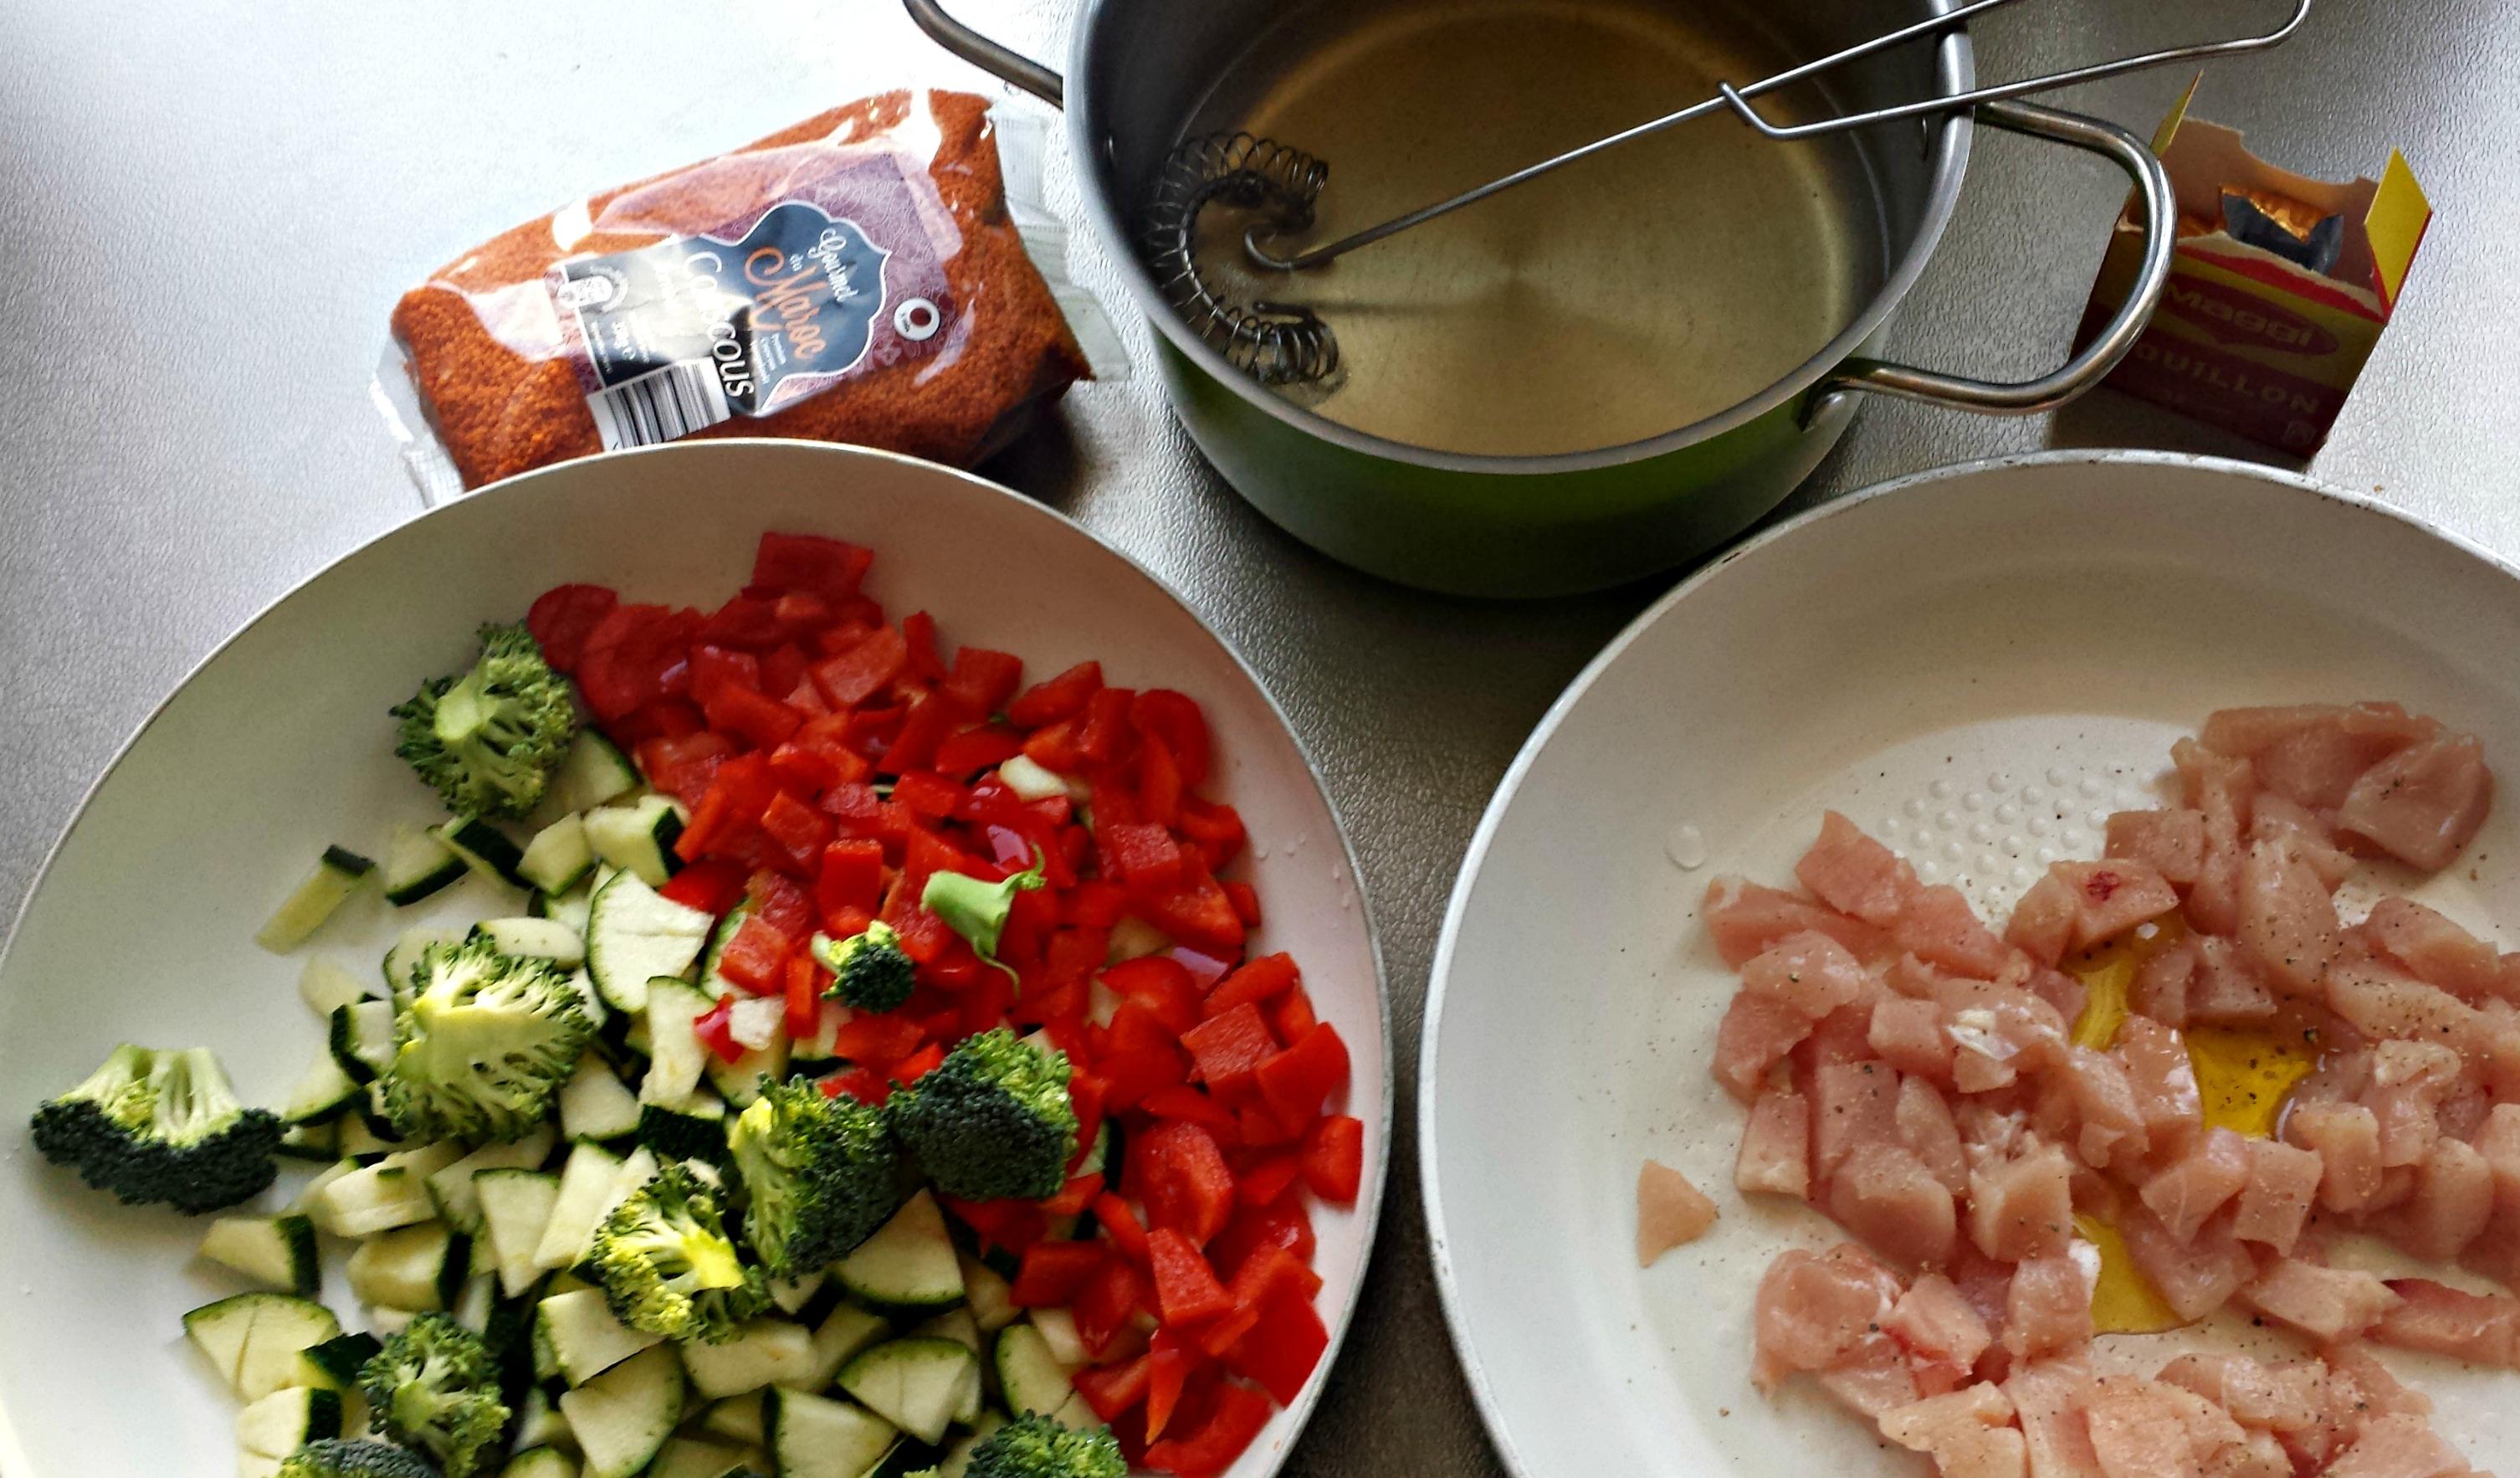 gezonde avondmaaltijd recepten